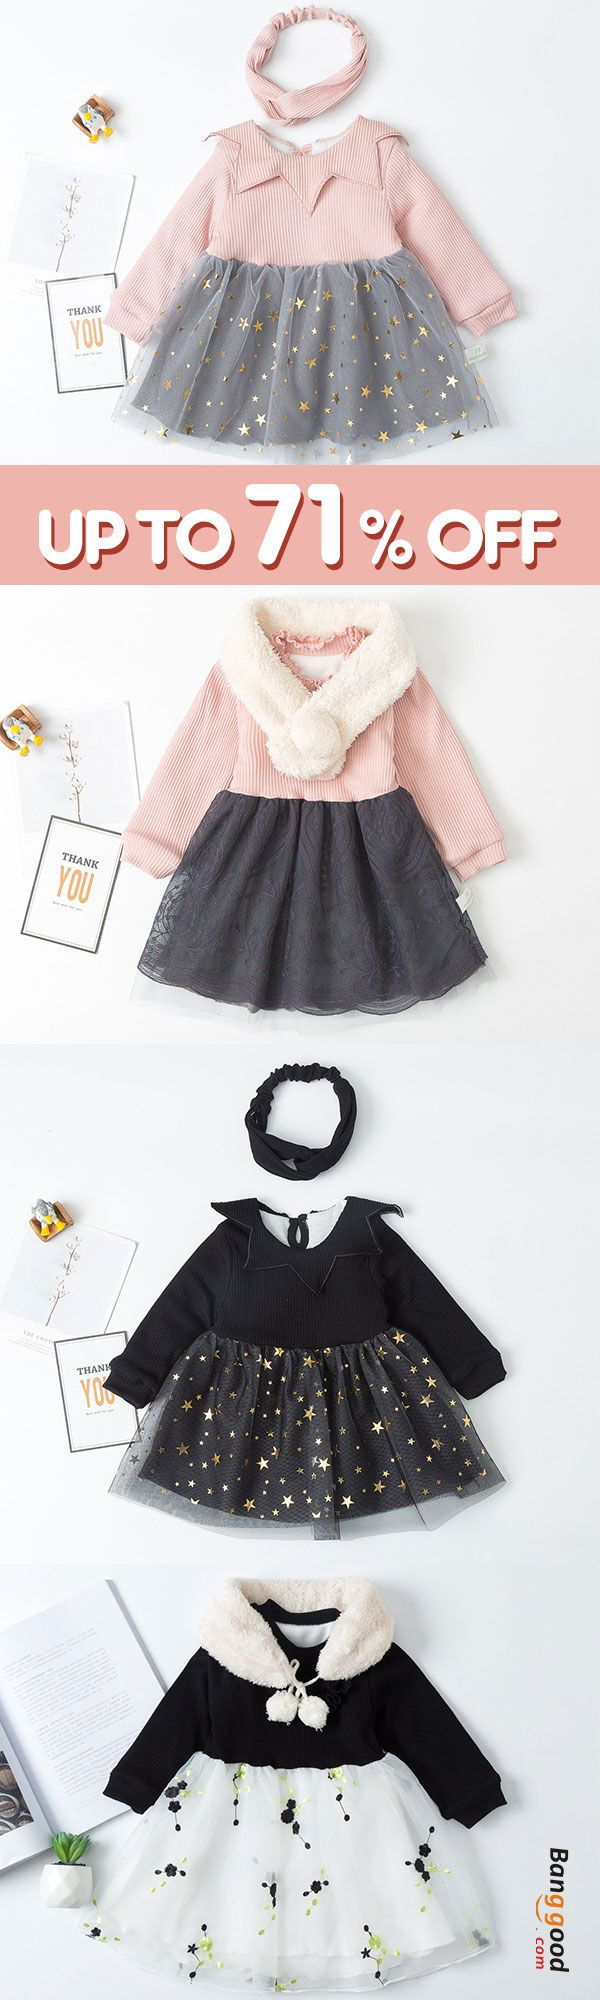 Girls Children Long Sleeve Dress -   18 school crafts show ideas